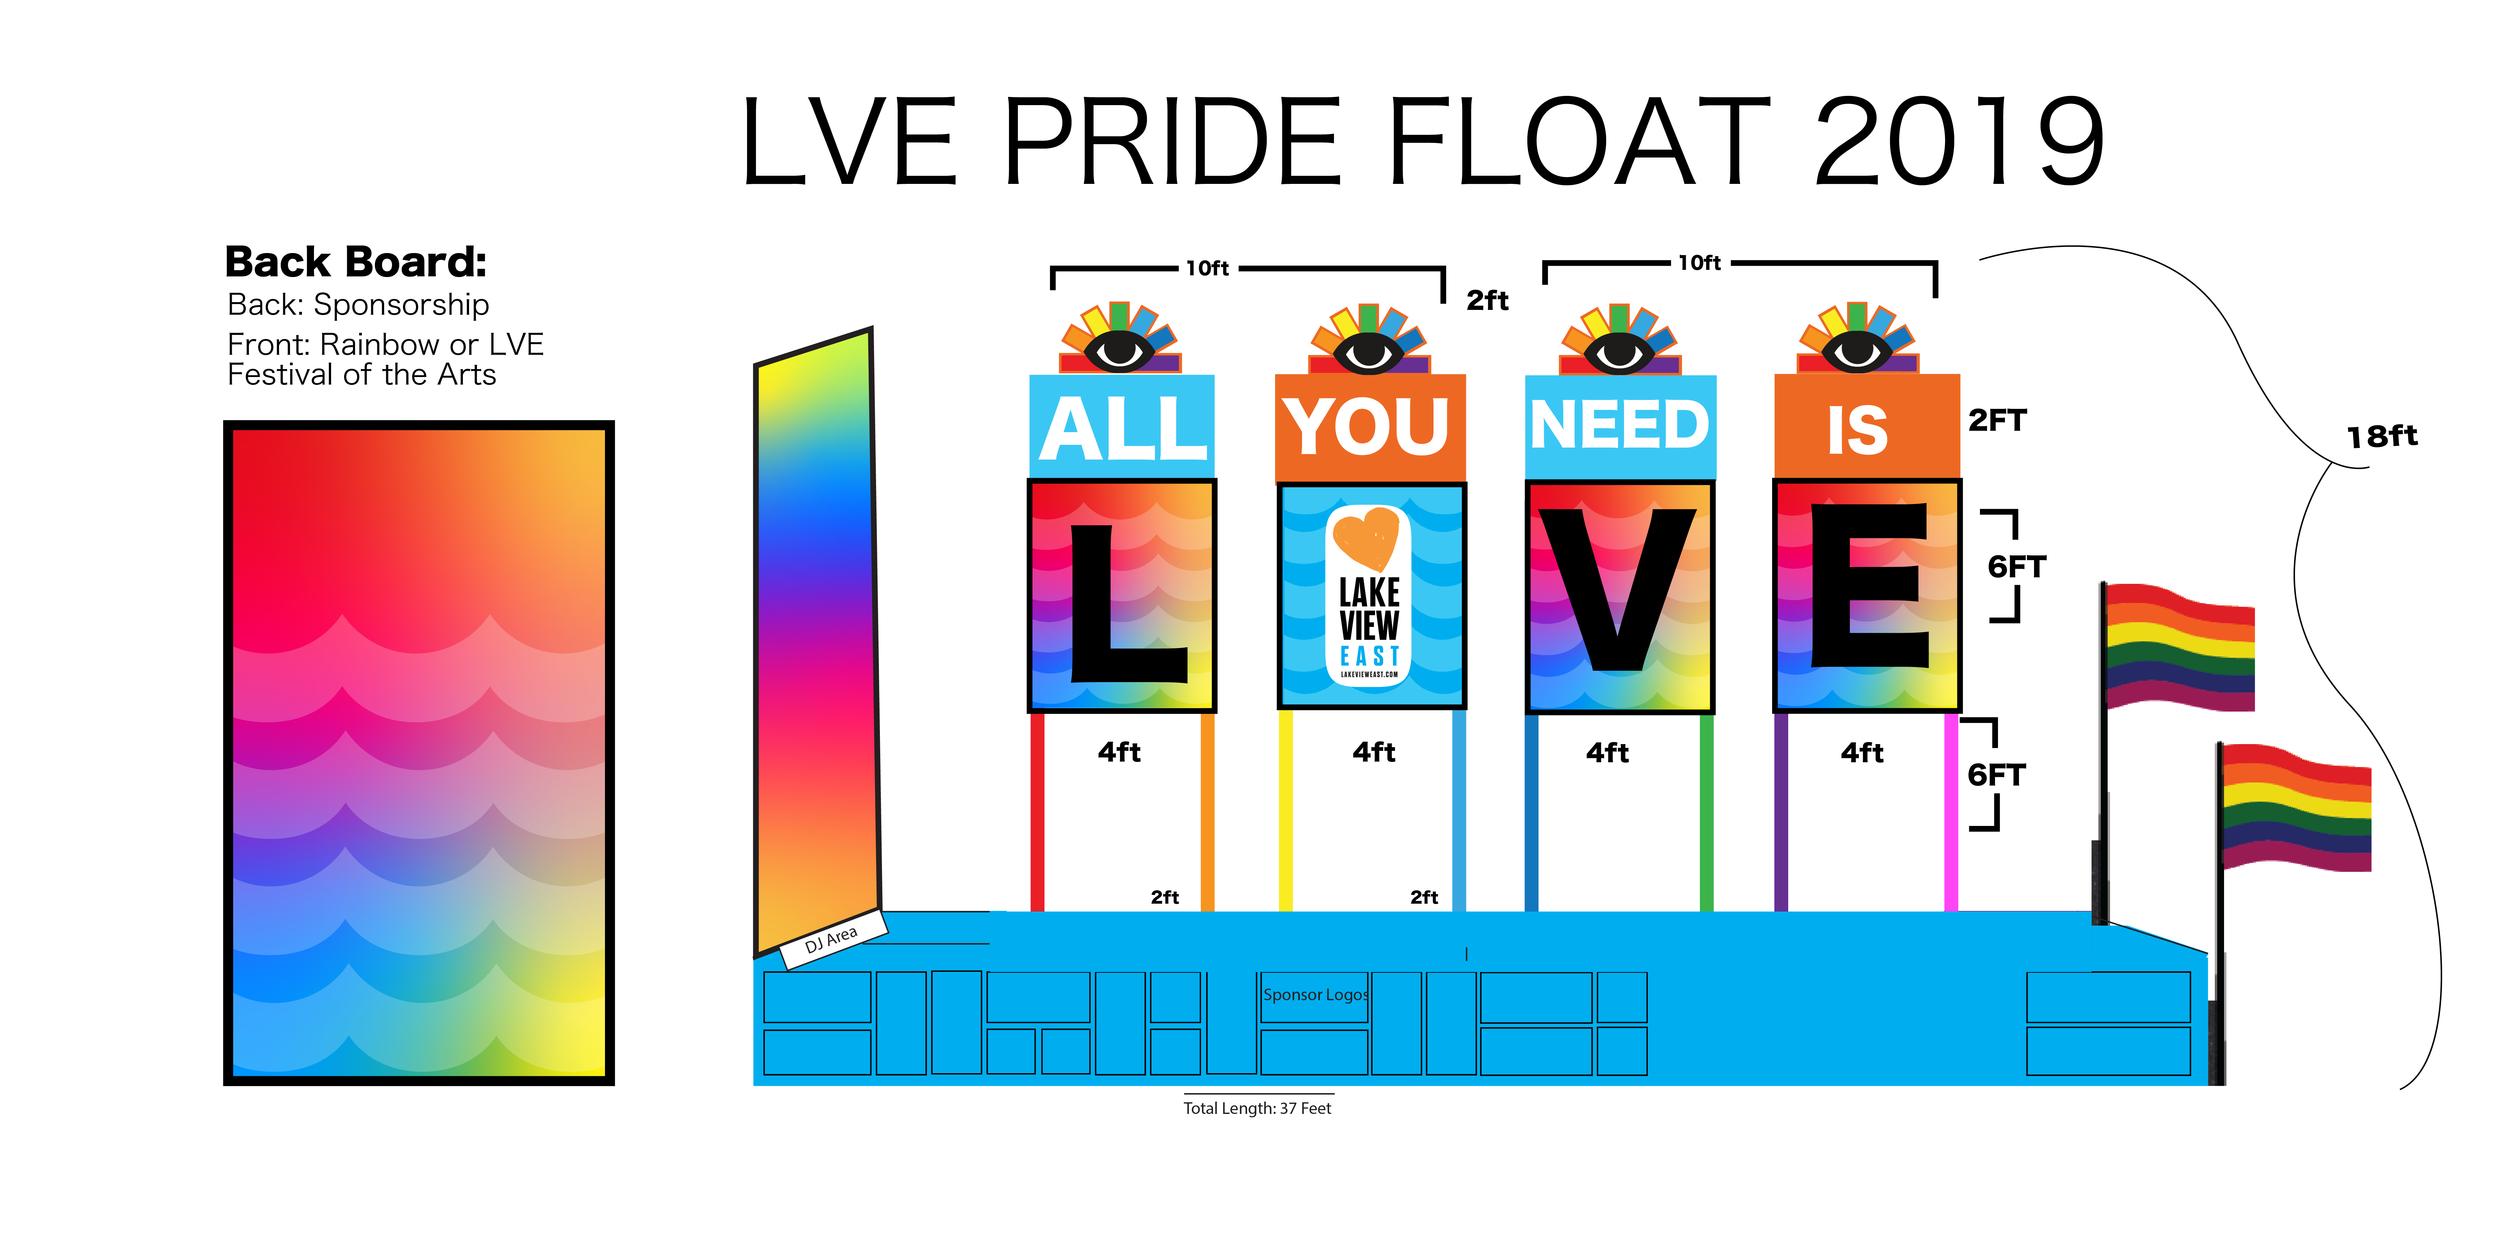 PrideFloat2019-02.PNG